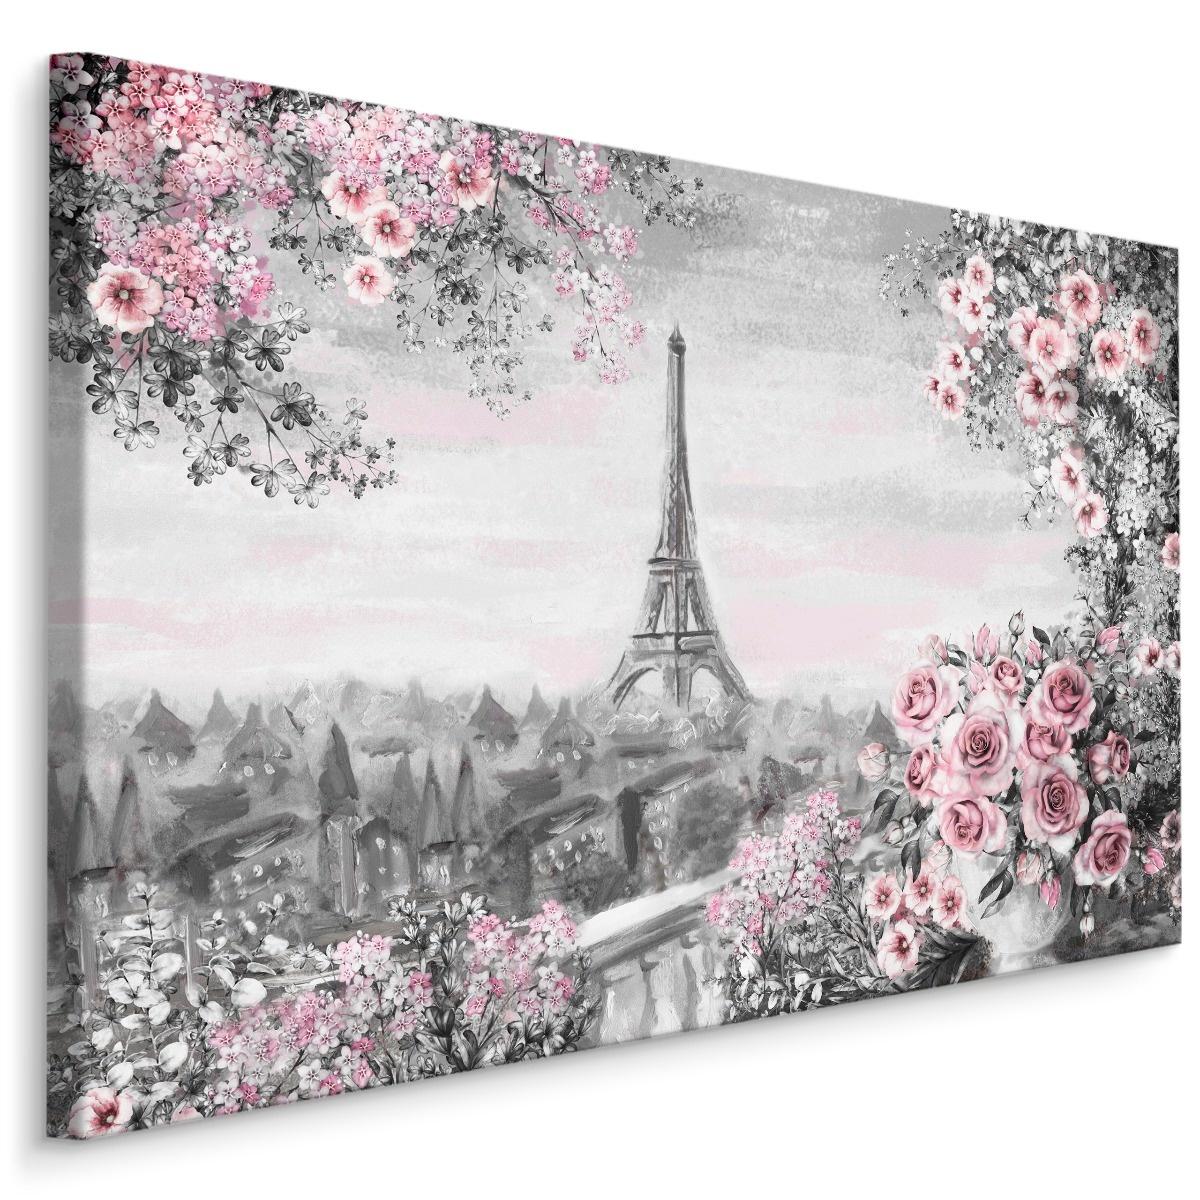 Schilderij - Prachtig uitzicht op de Eiffeltoren, Parijs (Print op canvas), zwart-wit/roze, 4 maten